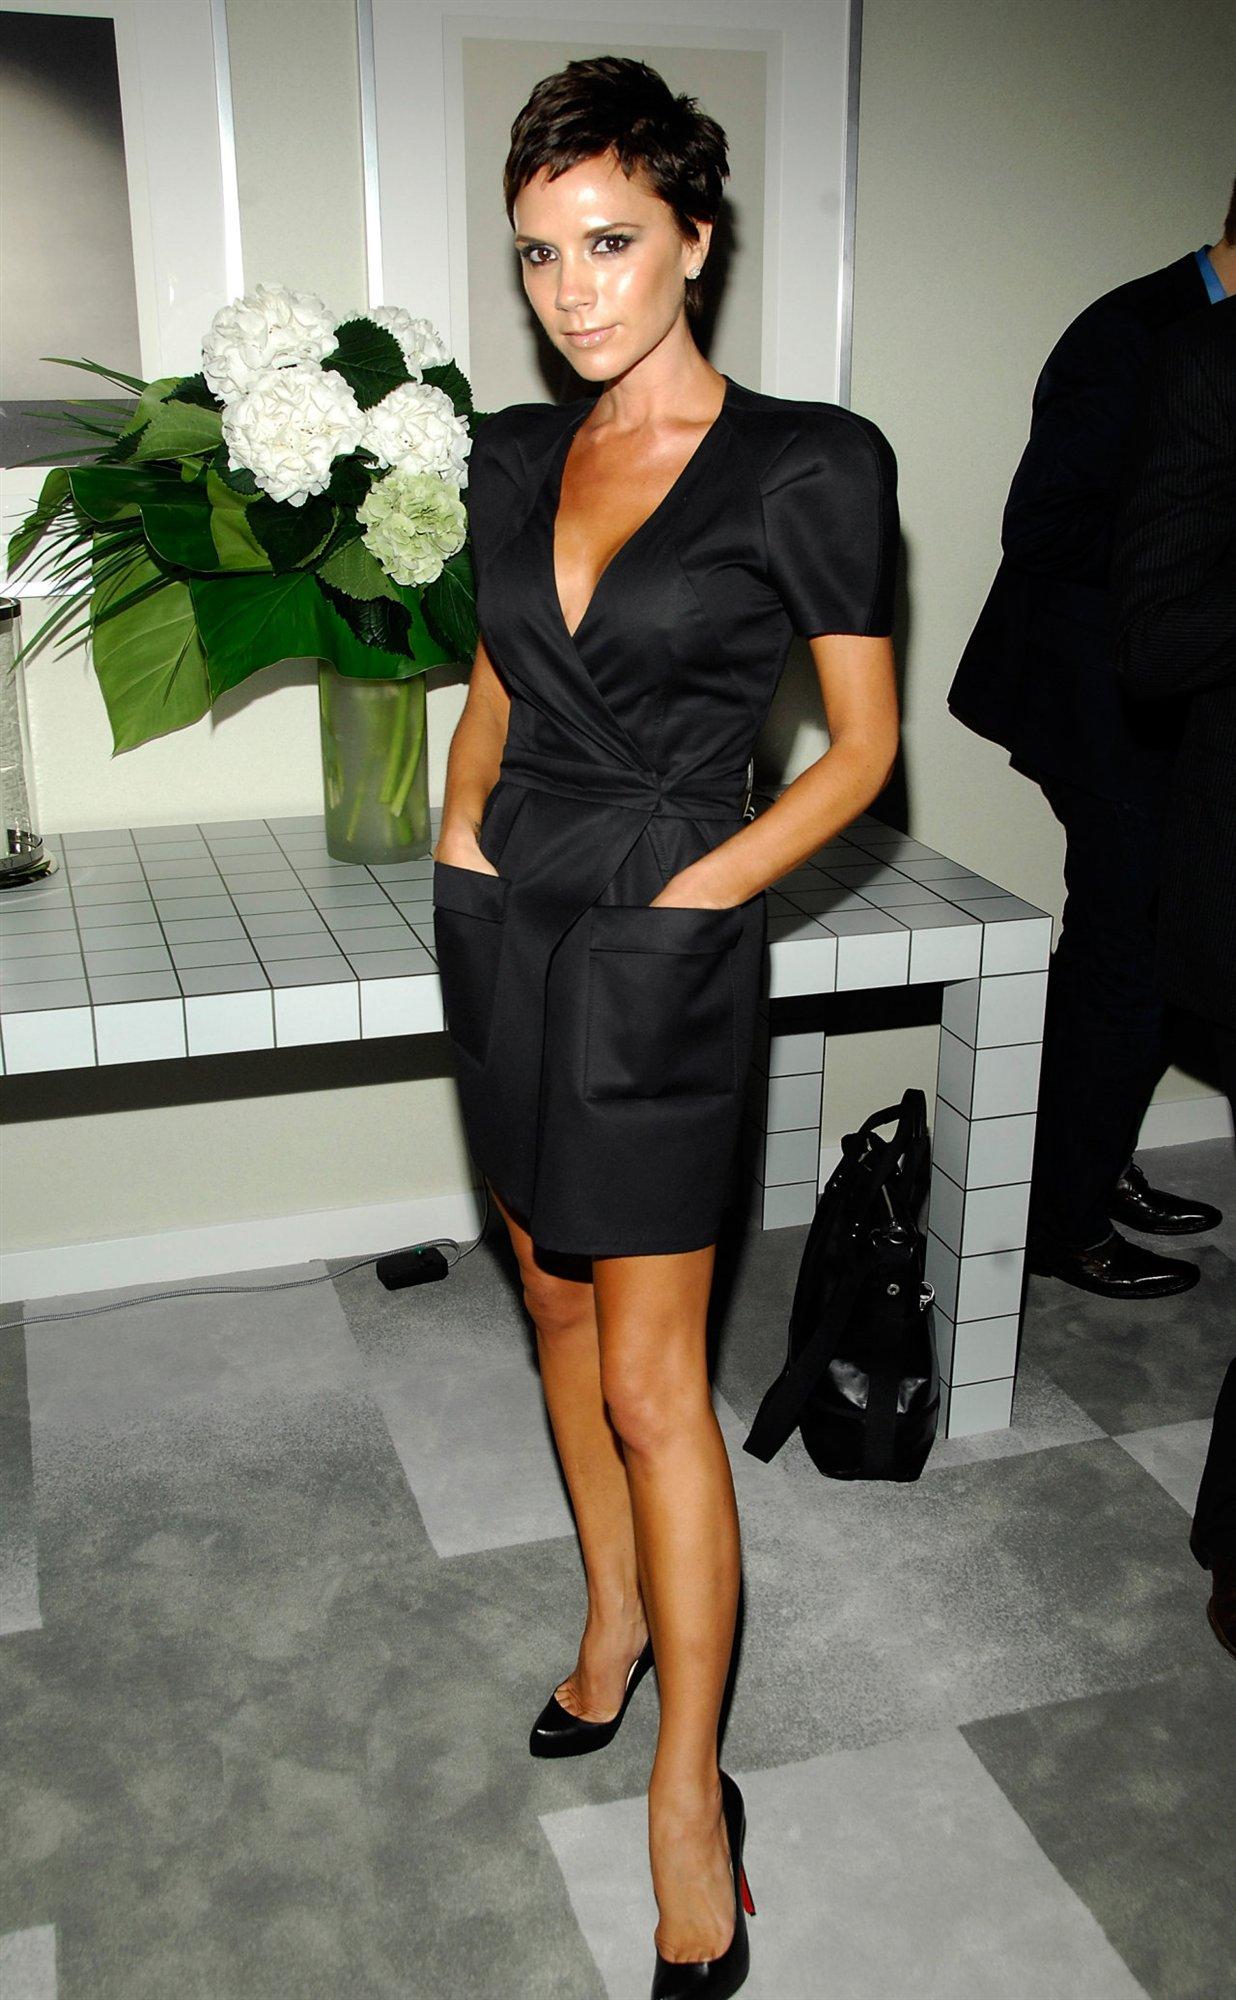 Victoria Beckham Hot Actress - SheClick.com